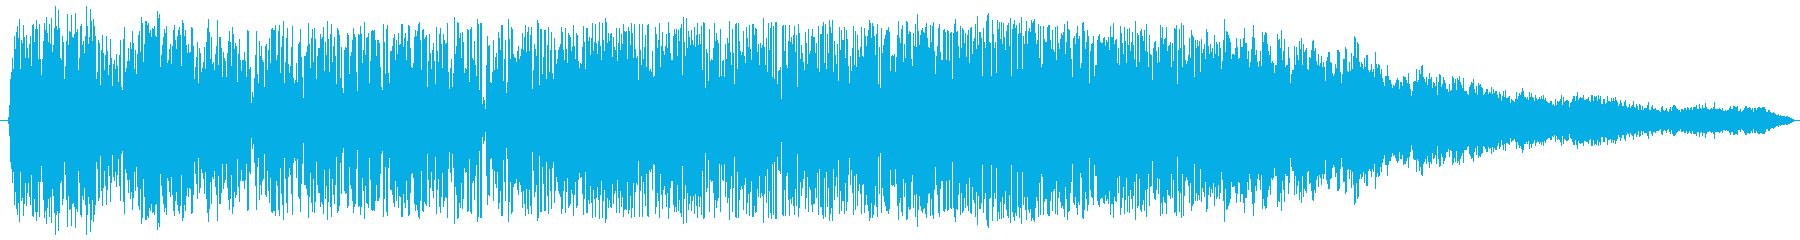 スペイシーフライオフスイープ2の再生済みの波形